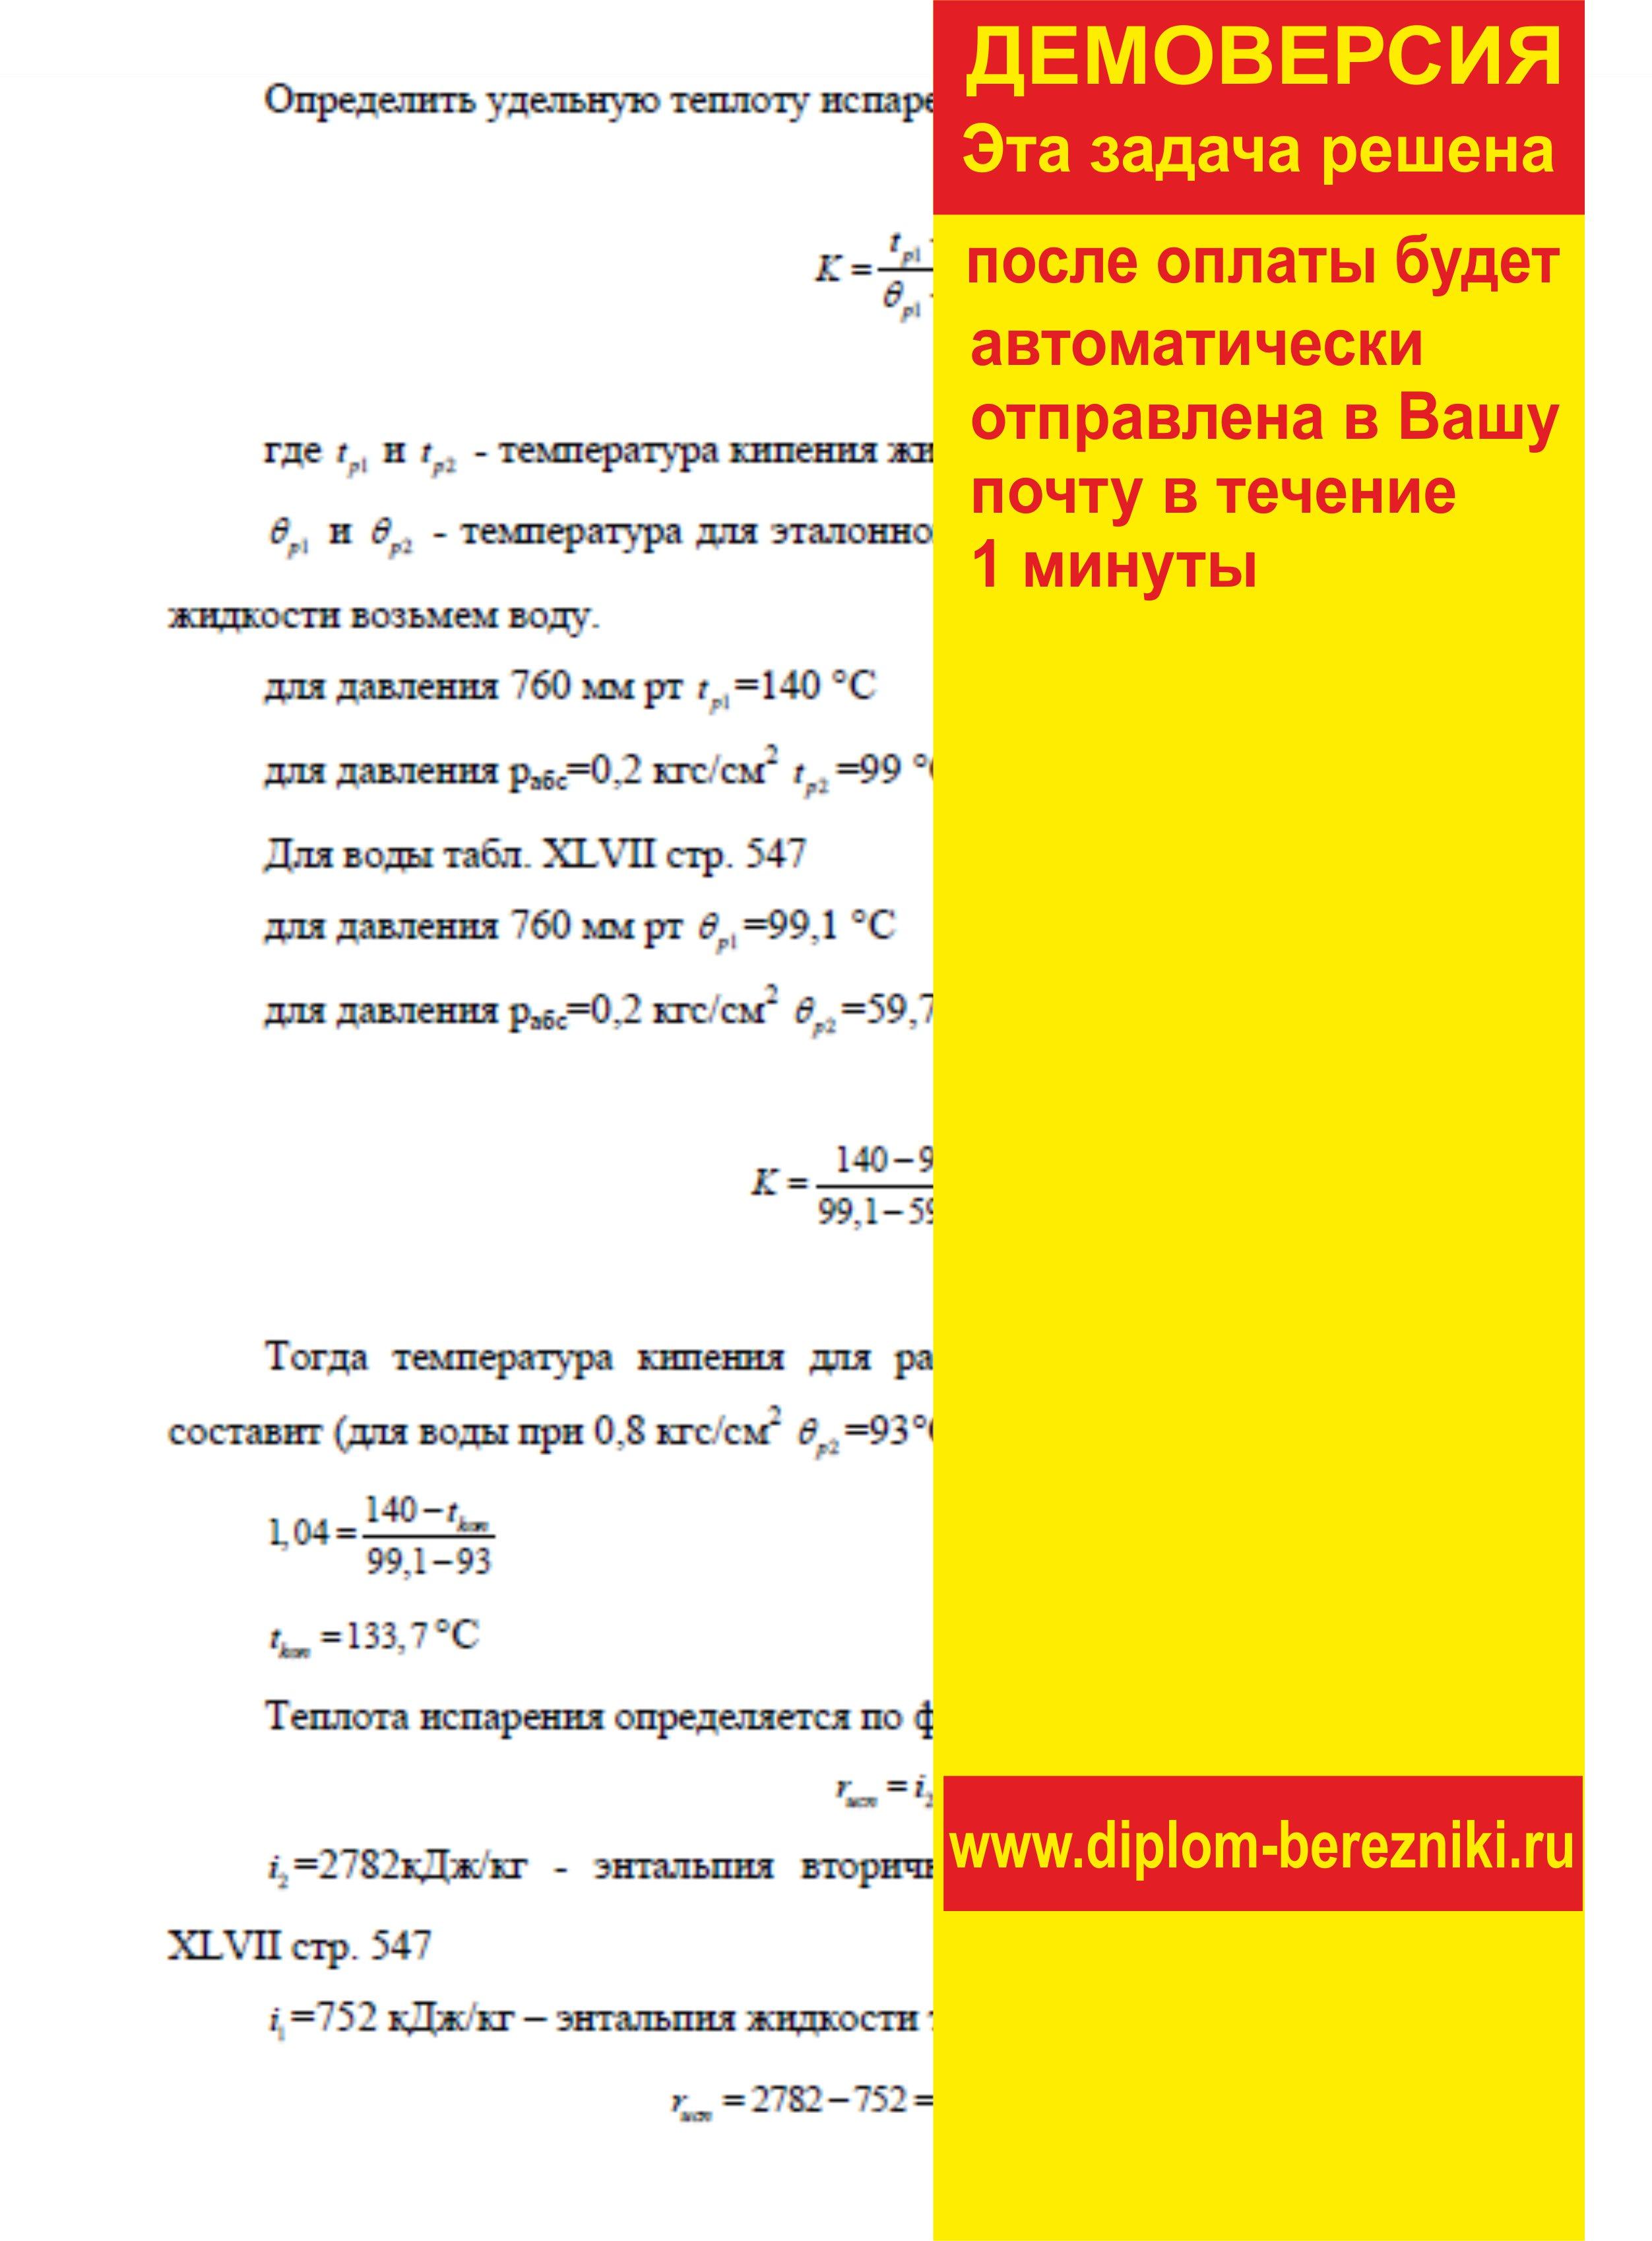 Решение задачи 5.15 по ПАХТ из задачника Павлова Романкова Носкова